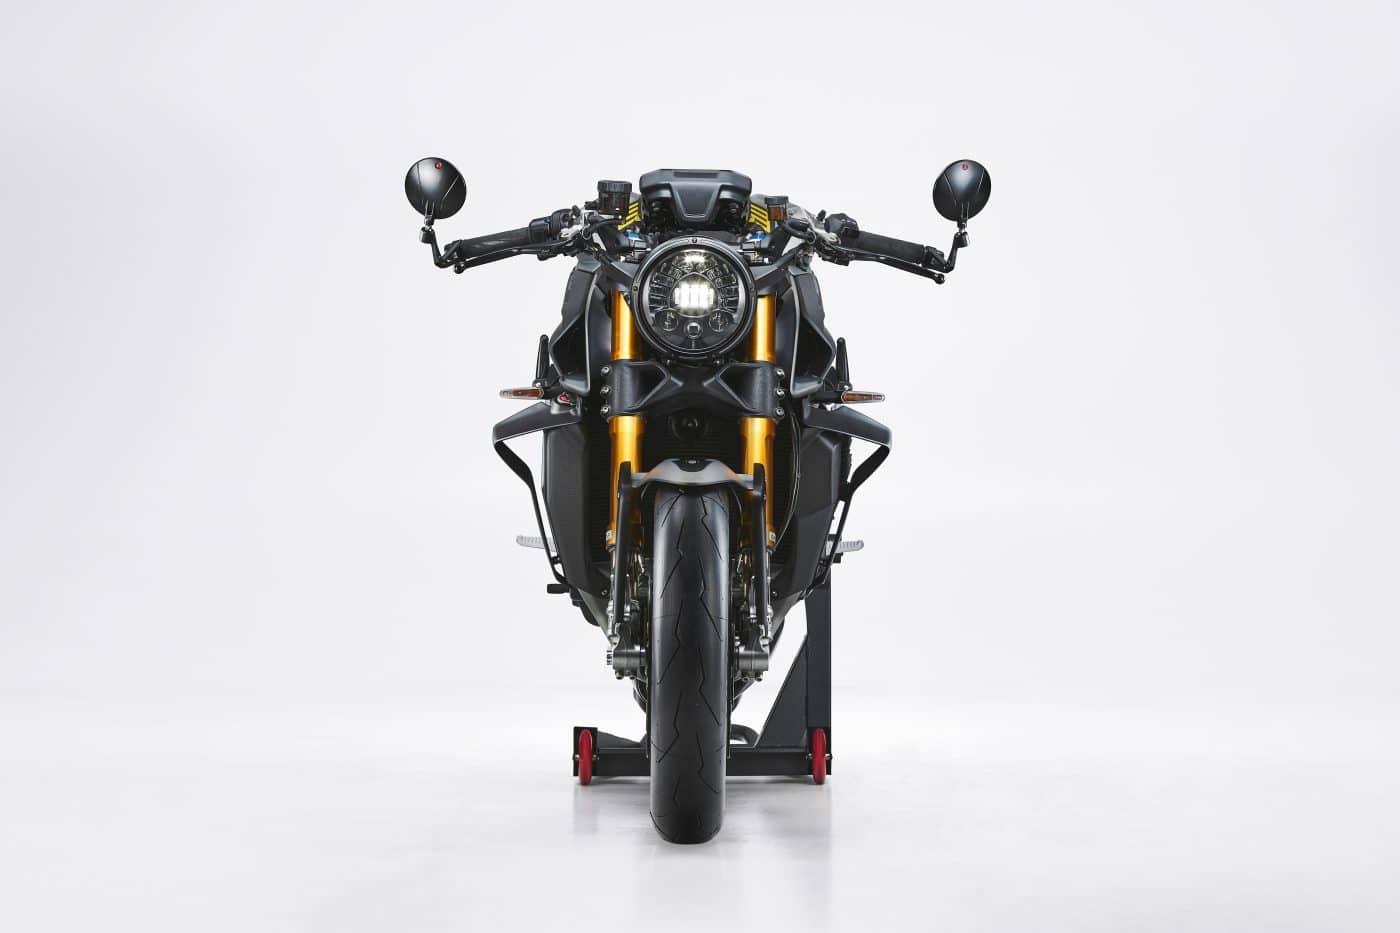 De 7 dikste naked bikes van 2021